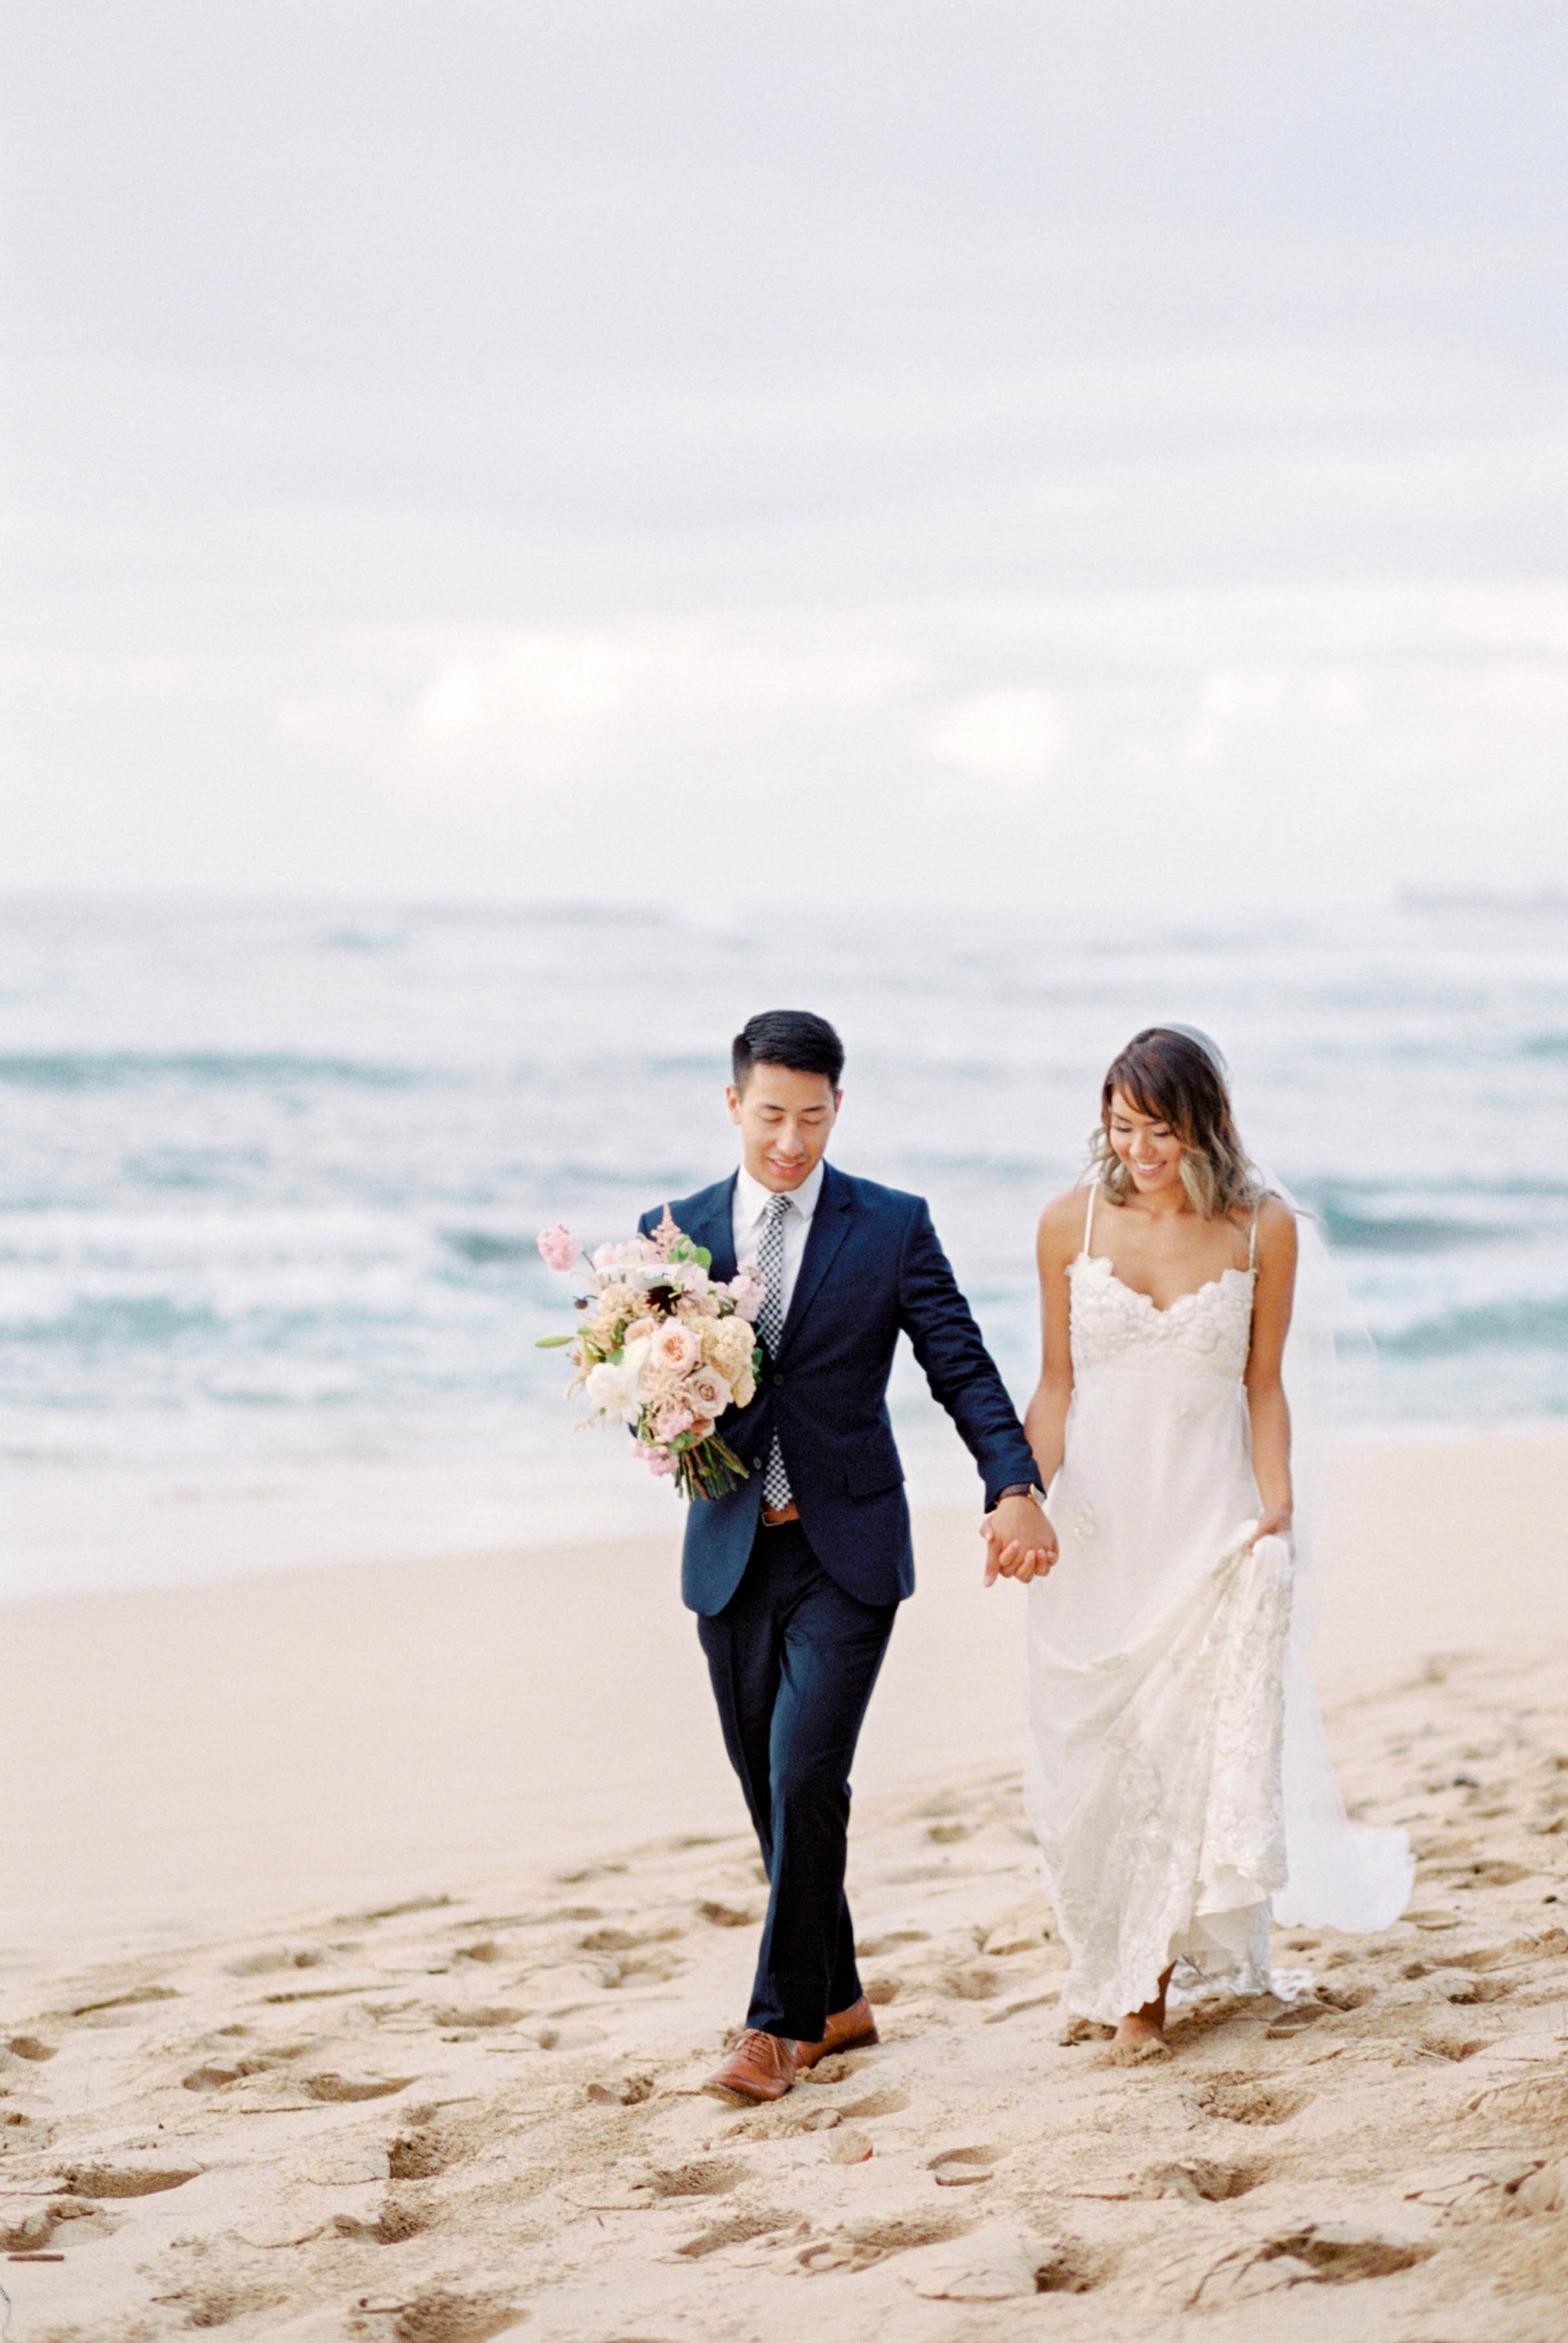 Sunset Hawaiian Elopement | Hawaiian Elopement | O'ahu Elopement | Beach Elopement | Kerry Jeanne Photography | Joy Wed | Fine Art Photography | Fine Art Blog | Canadian Wedding Blog